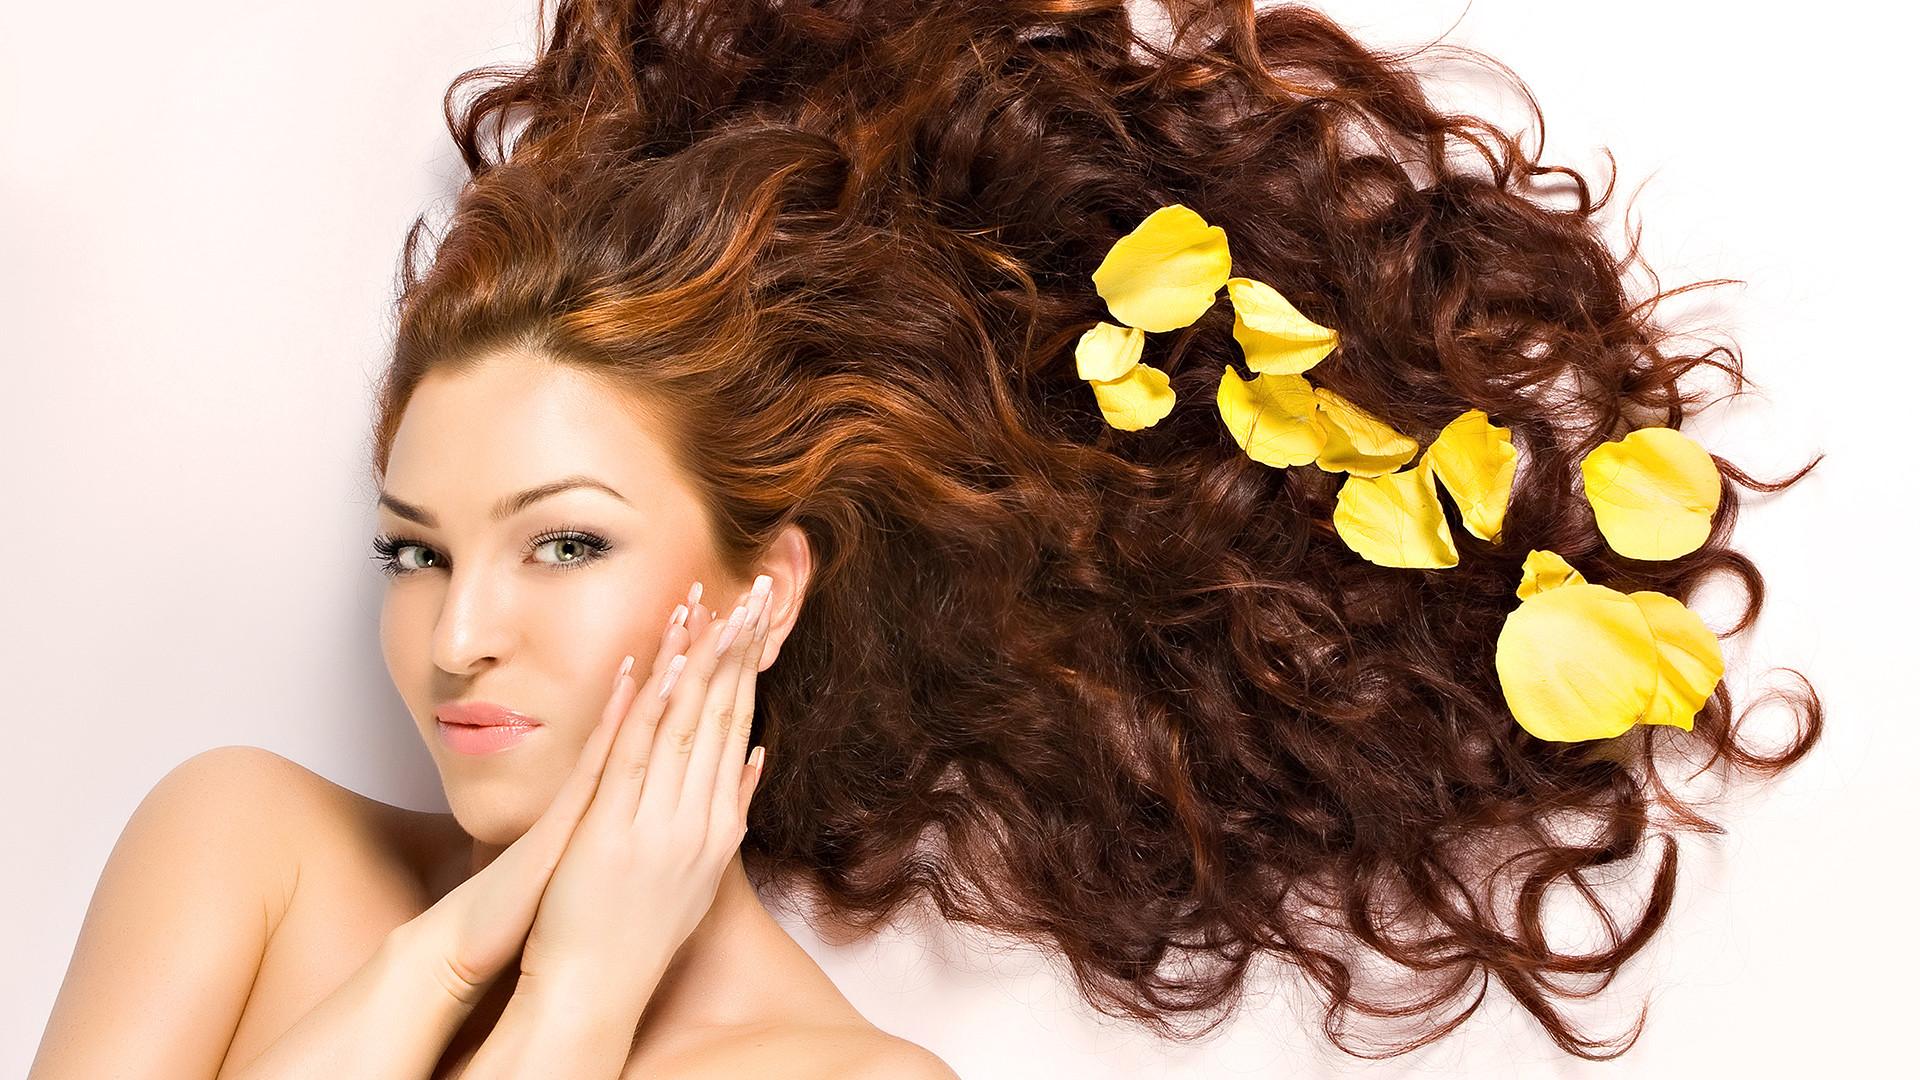 Beauty Salon Wallpaper 40 Images